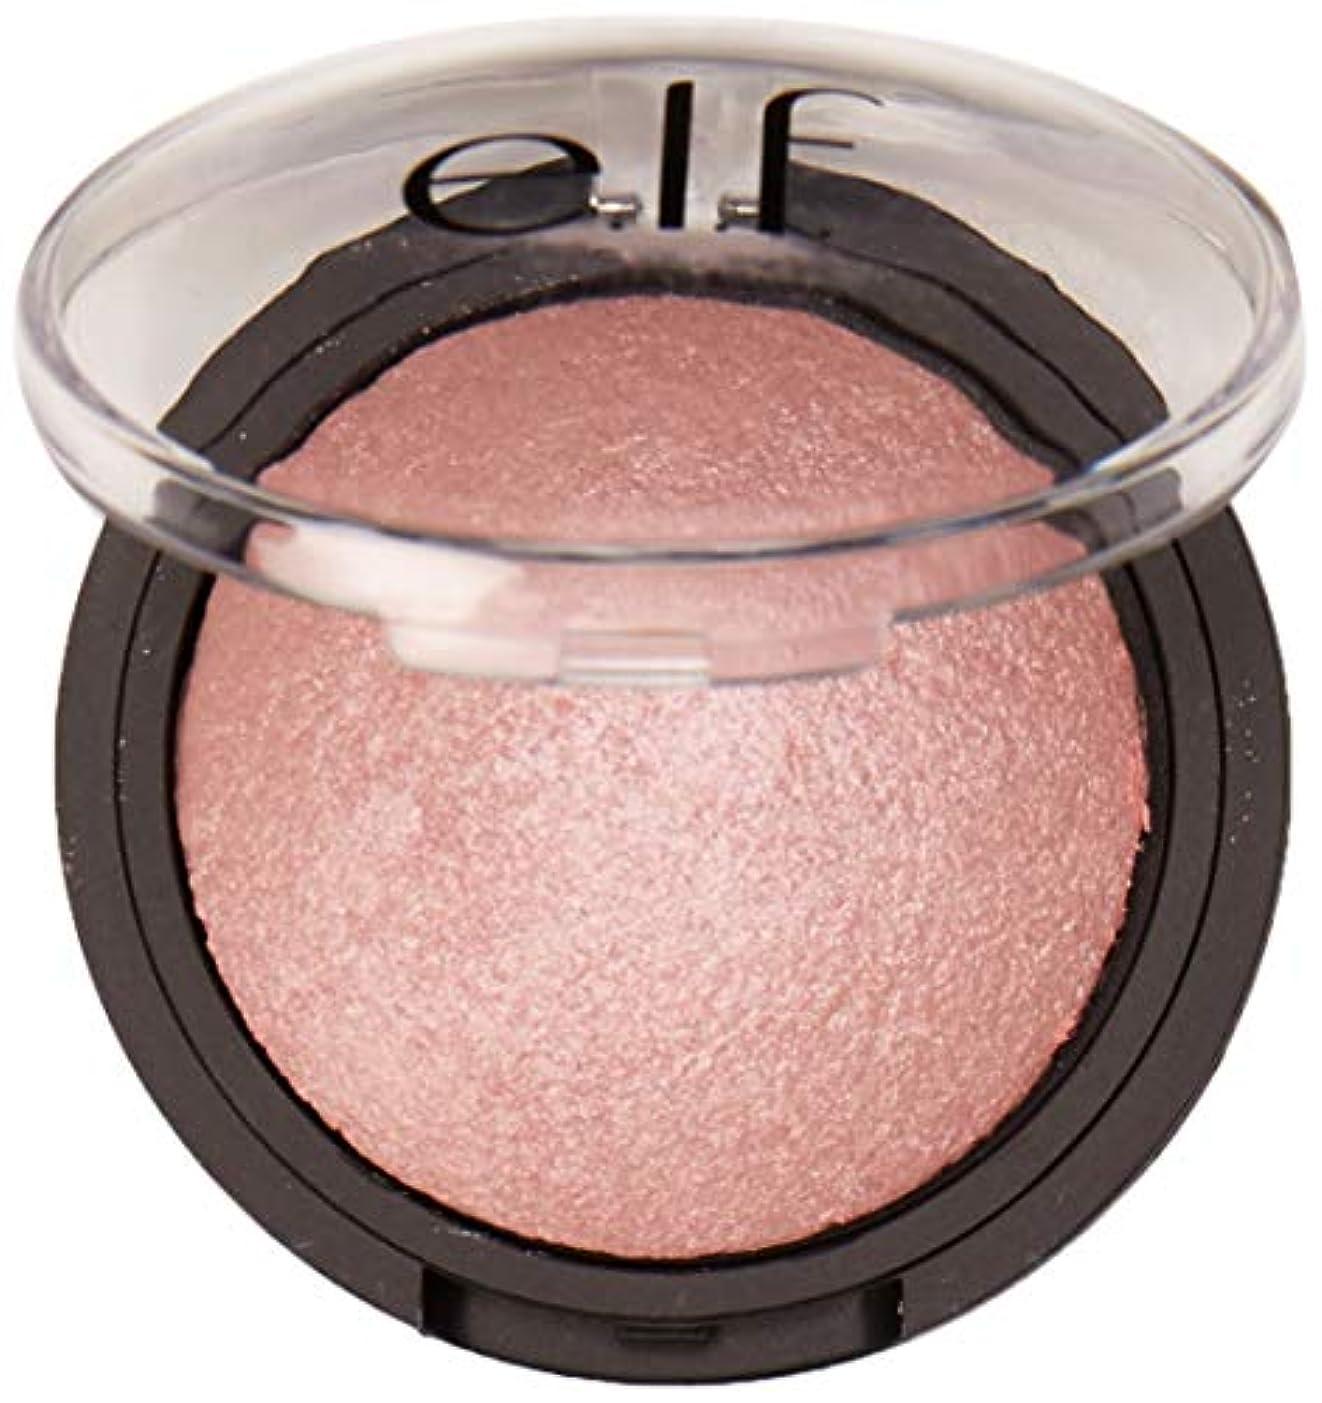 給料レオナルドダ分類e.l.f. Studio Baked Highlighter - Pink Diamonds(ベイクドハイライター, ピンクダイヤモンド, 0.17 oz 5 g)